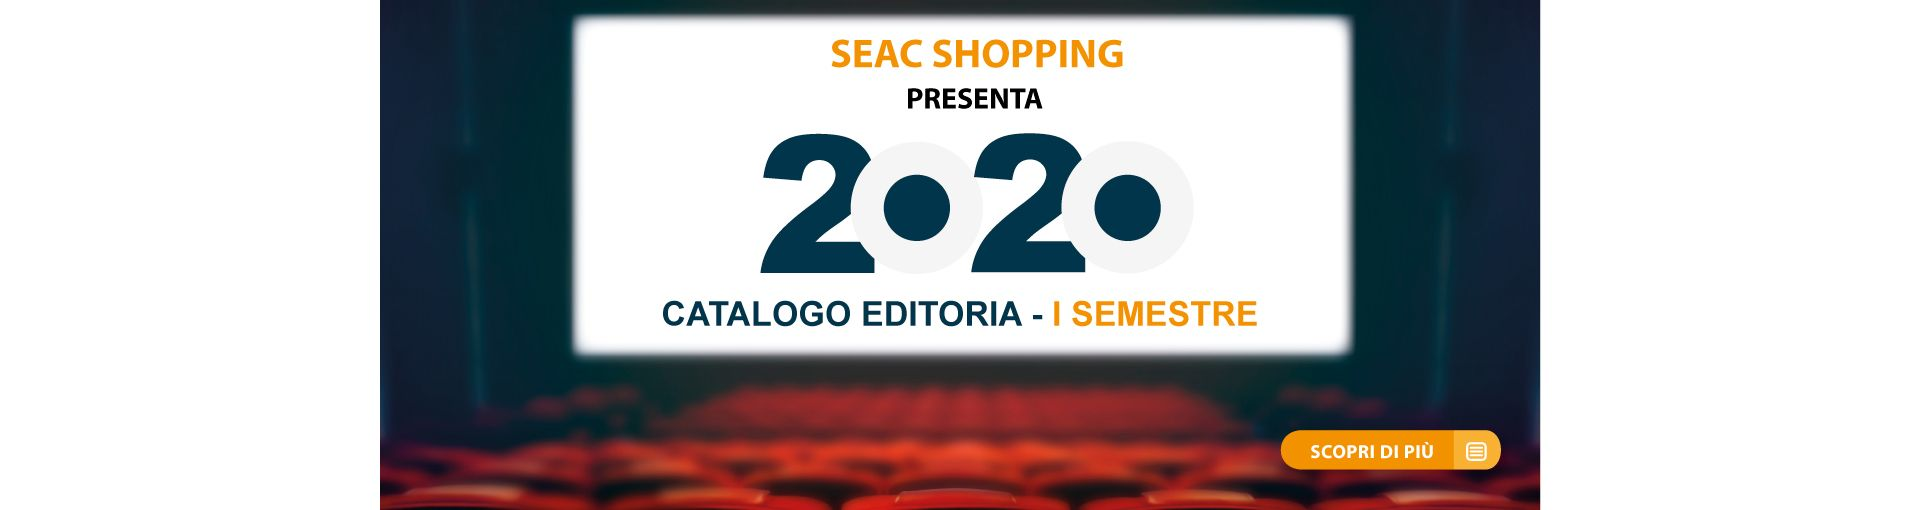 Editoria Seac - Pronta la lista dei dichiarativi 2020